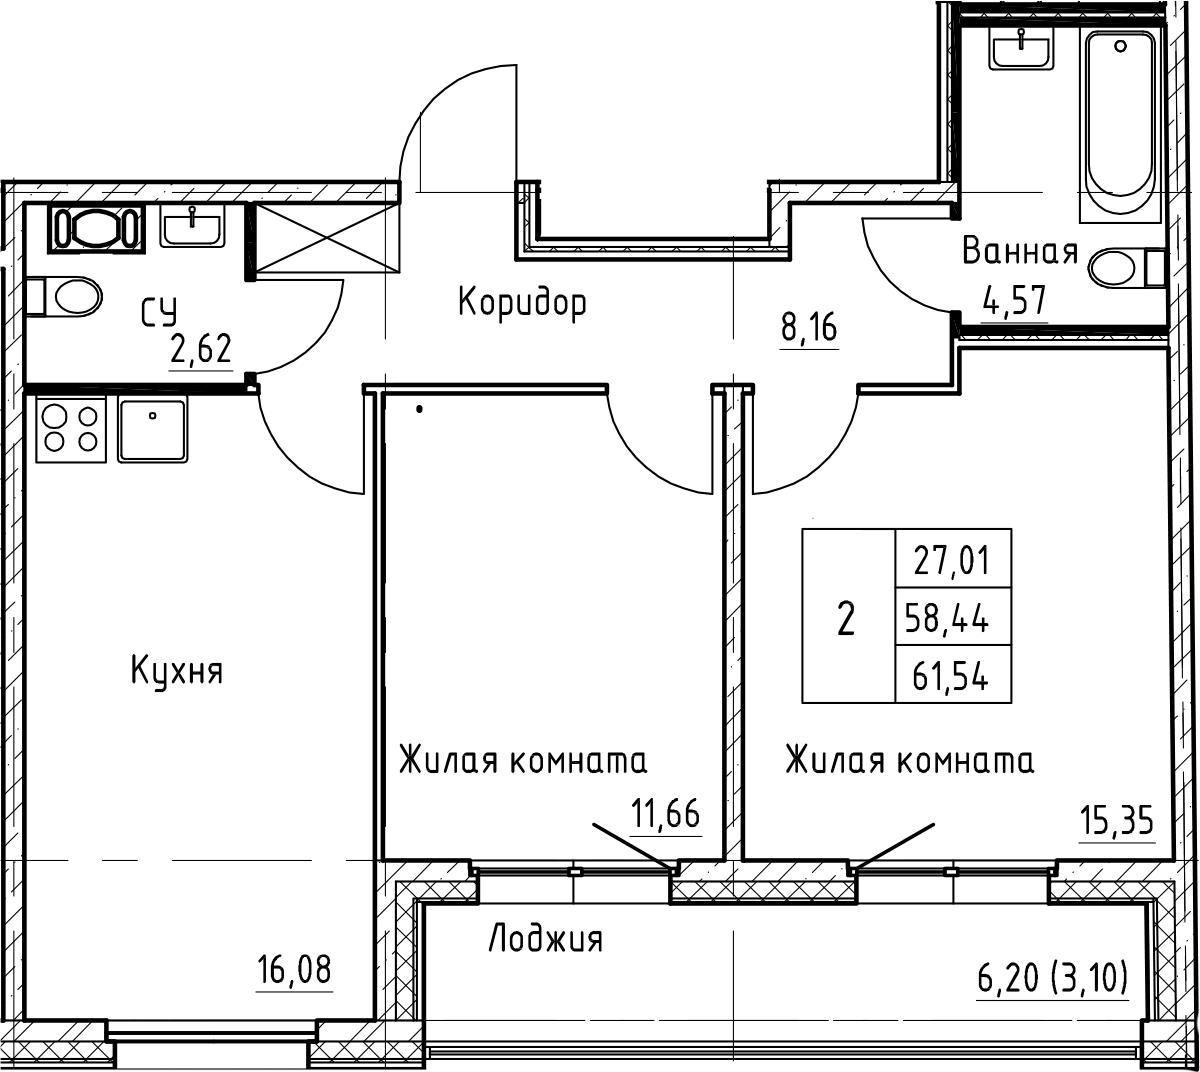 3Е-к.кв, 61.54 м², 7 этаж